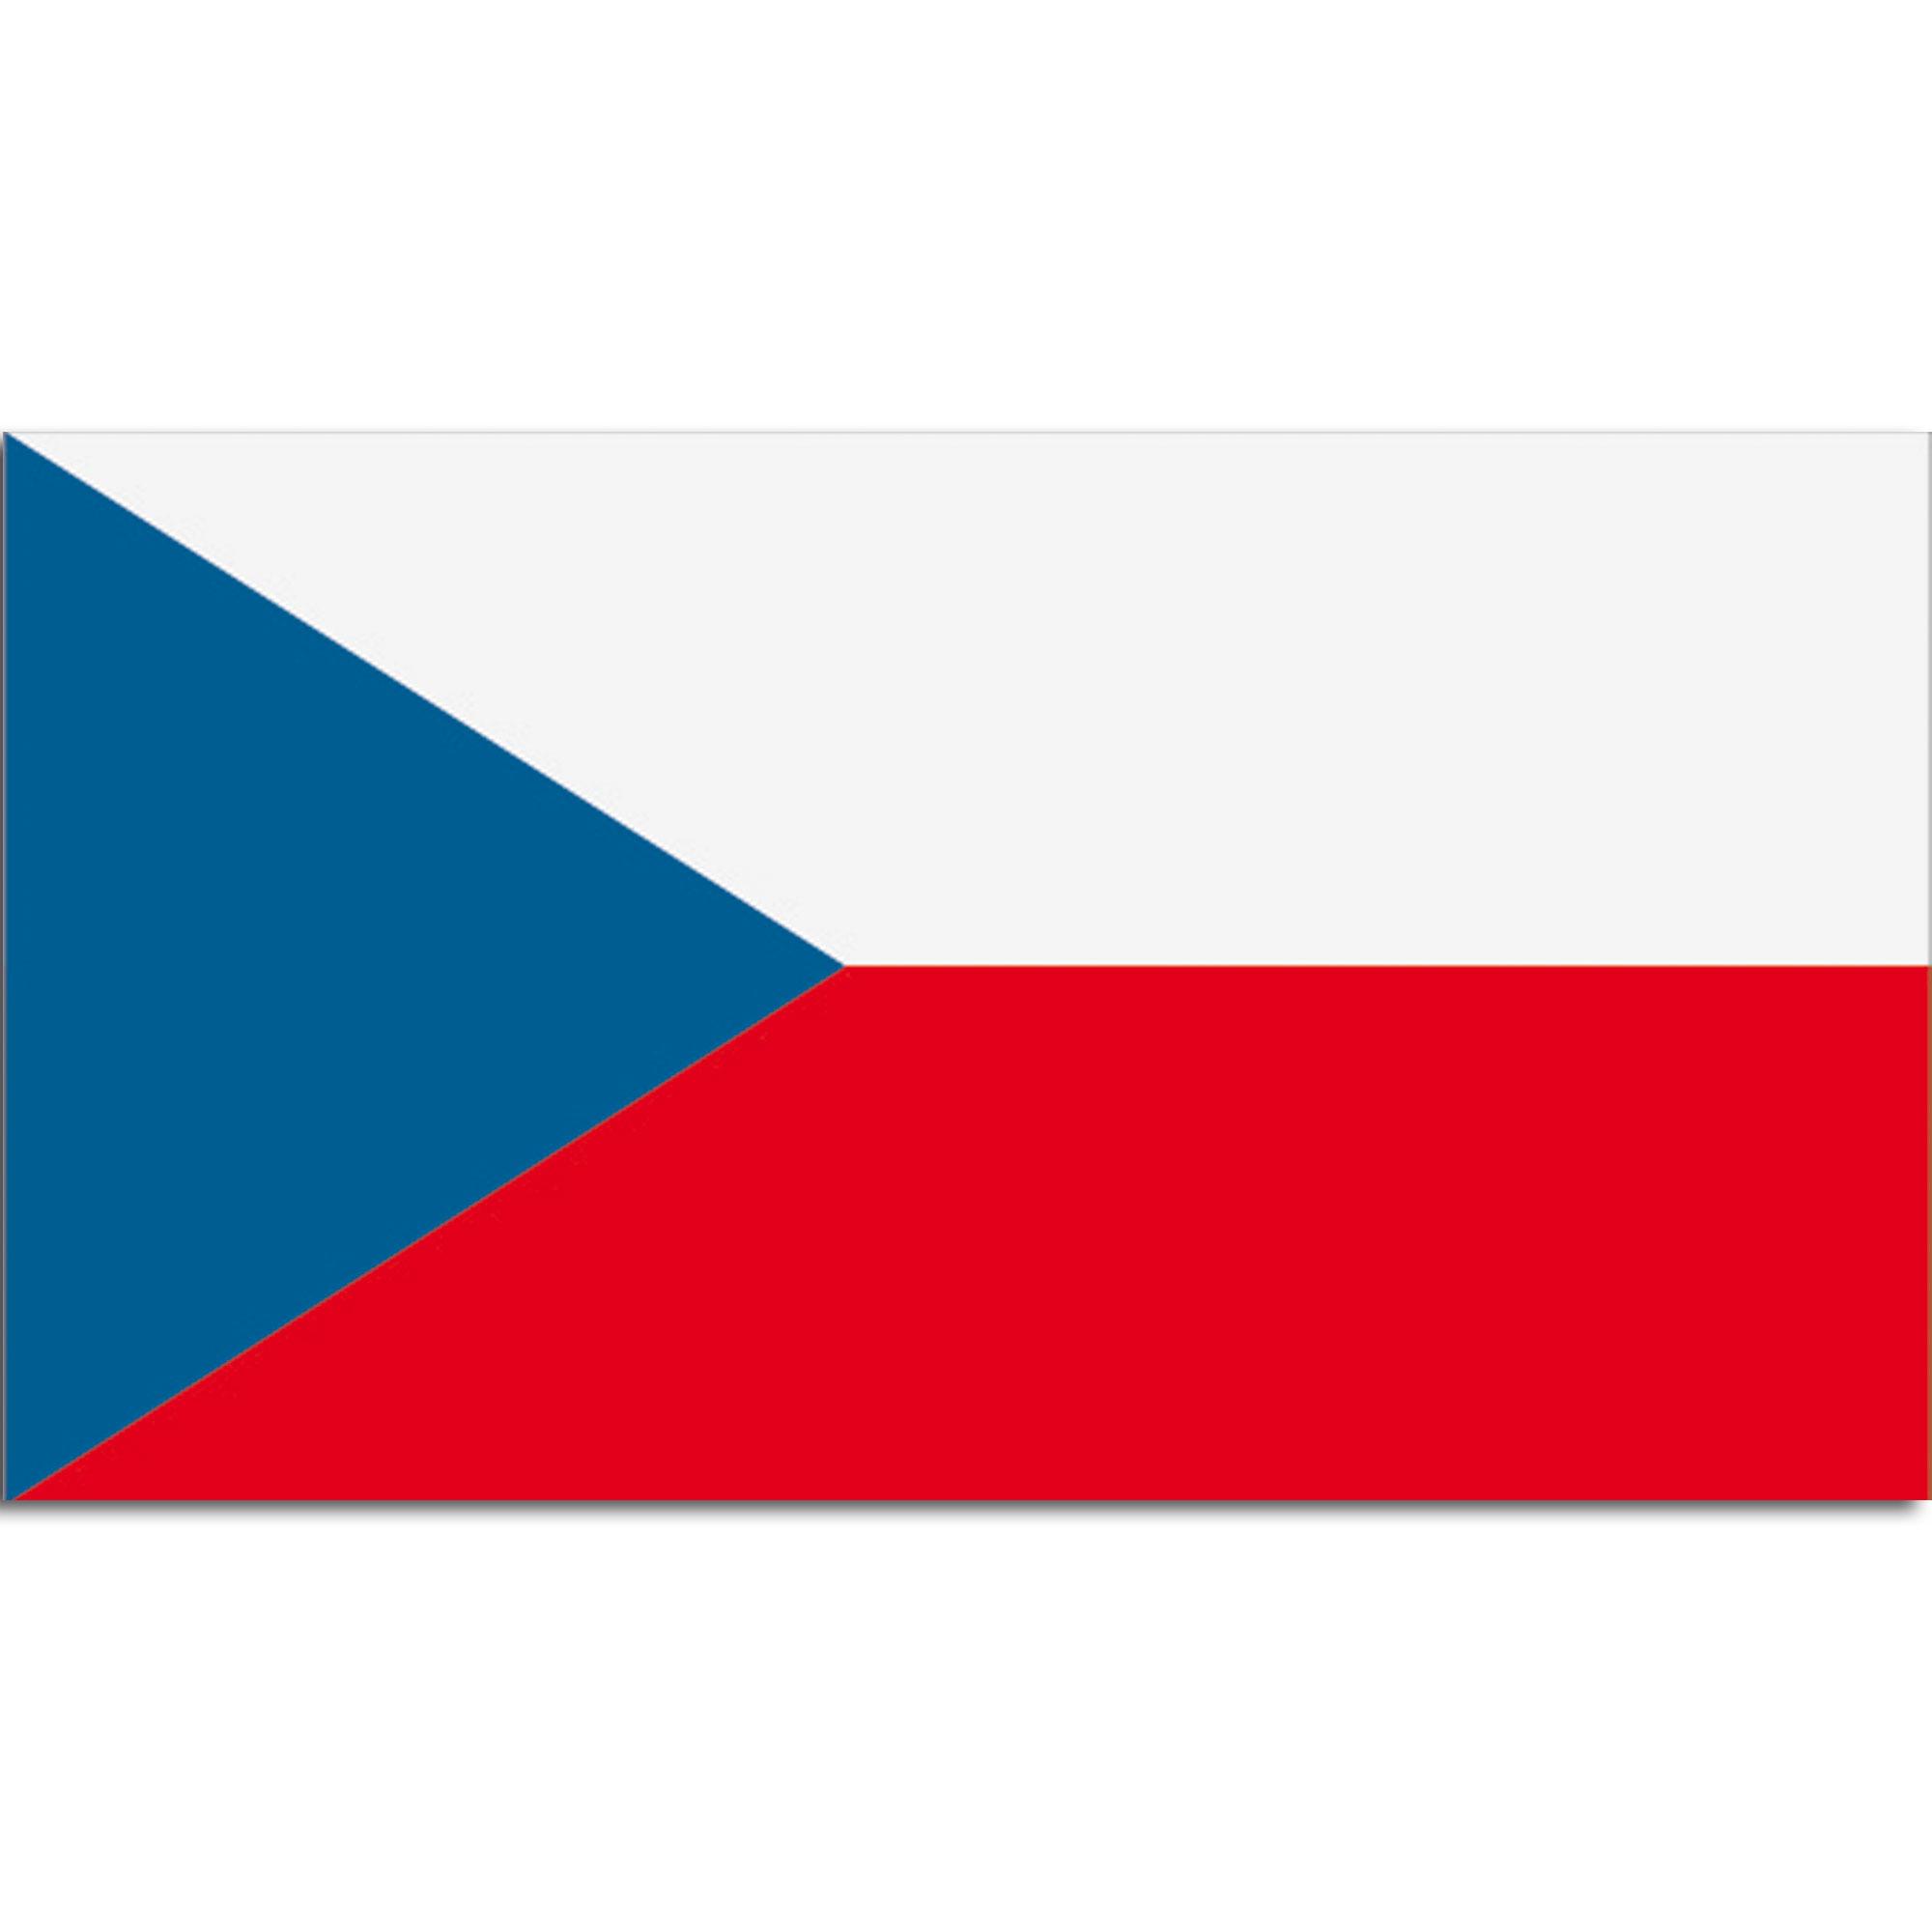 Bandera de la Rca. Checa